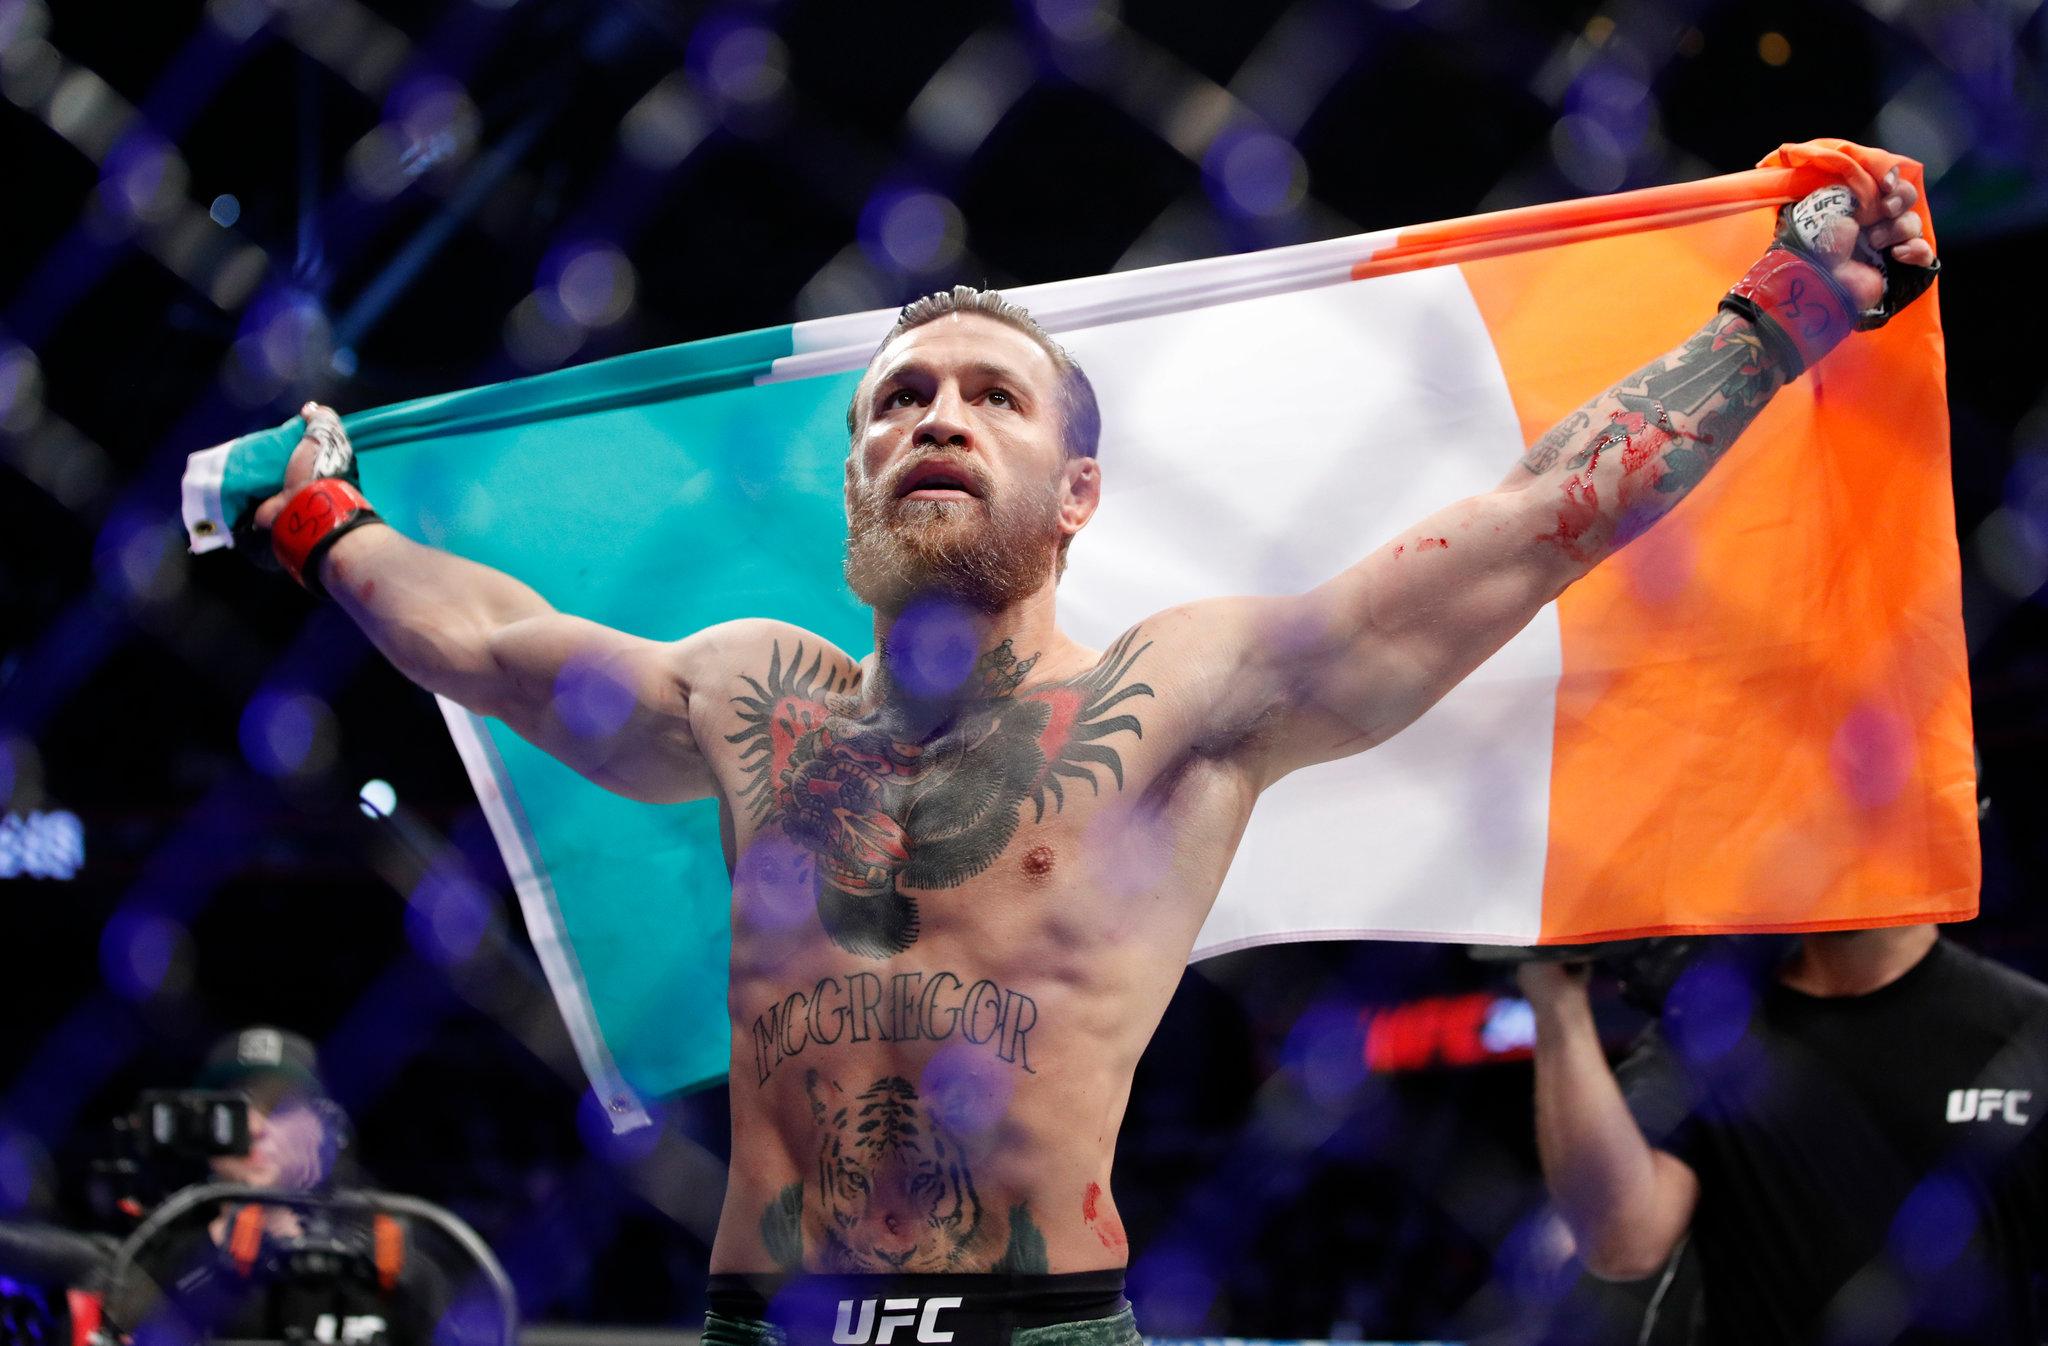 Con exitosa pelea Conor McGregor regresa al octágono